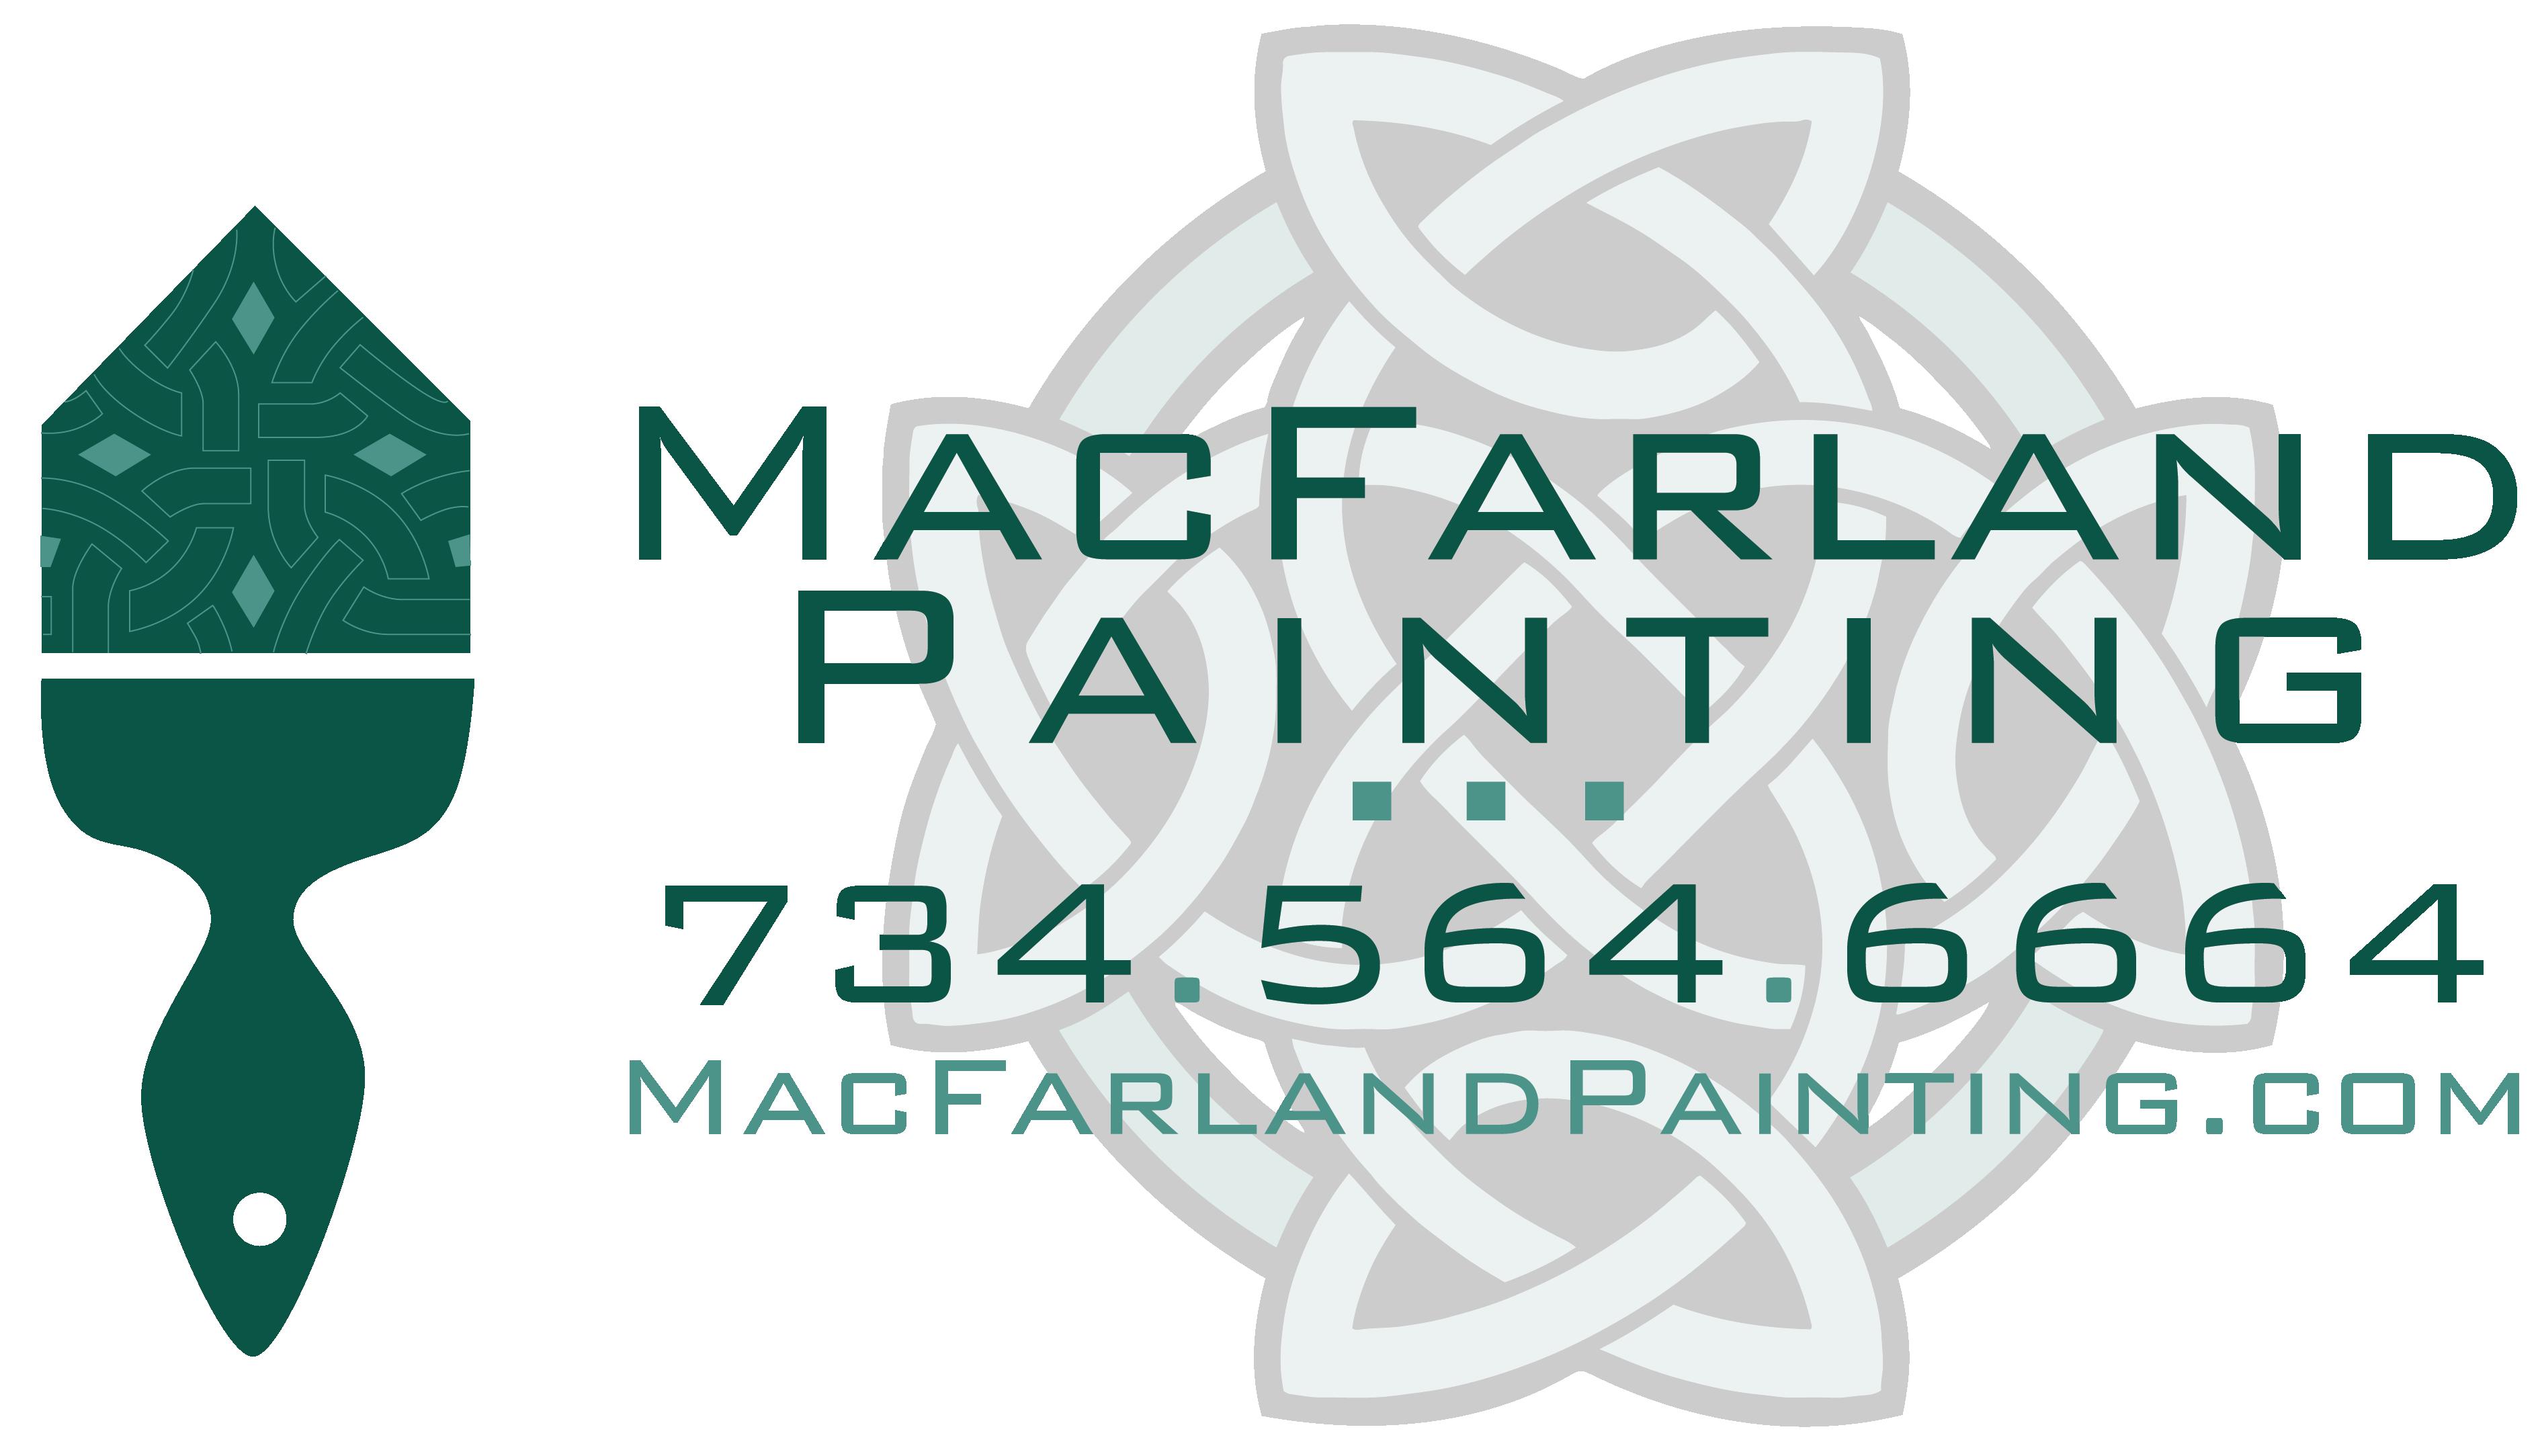 MacFarland Painting